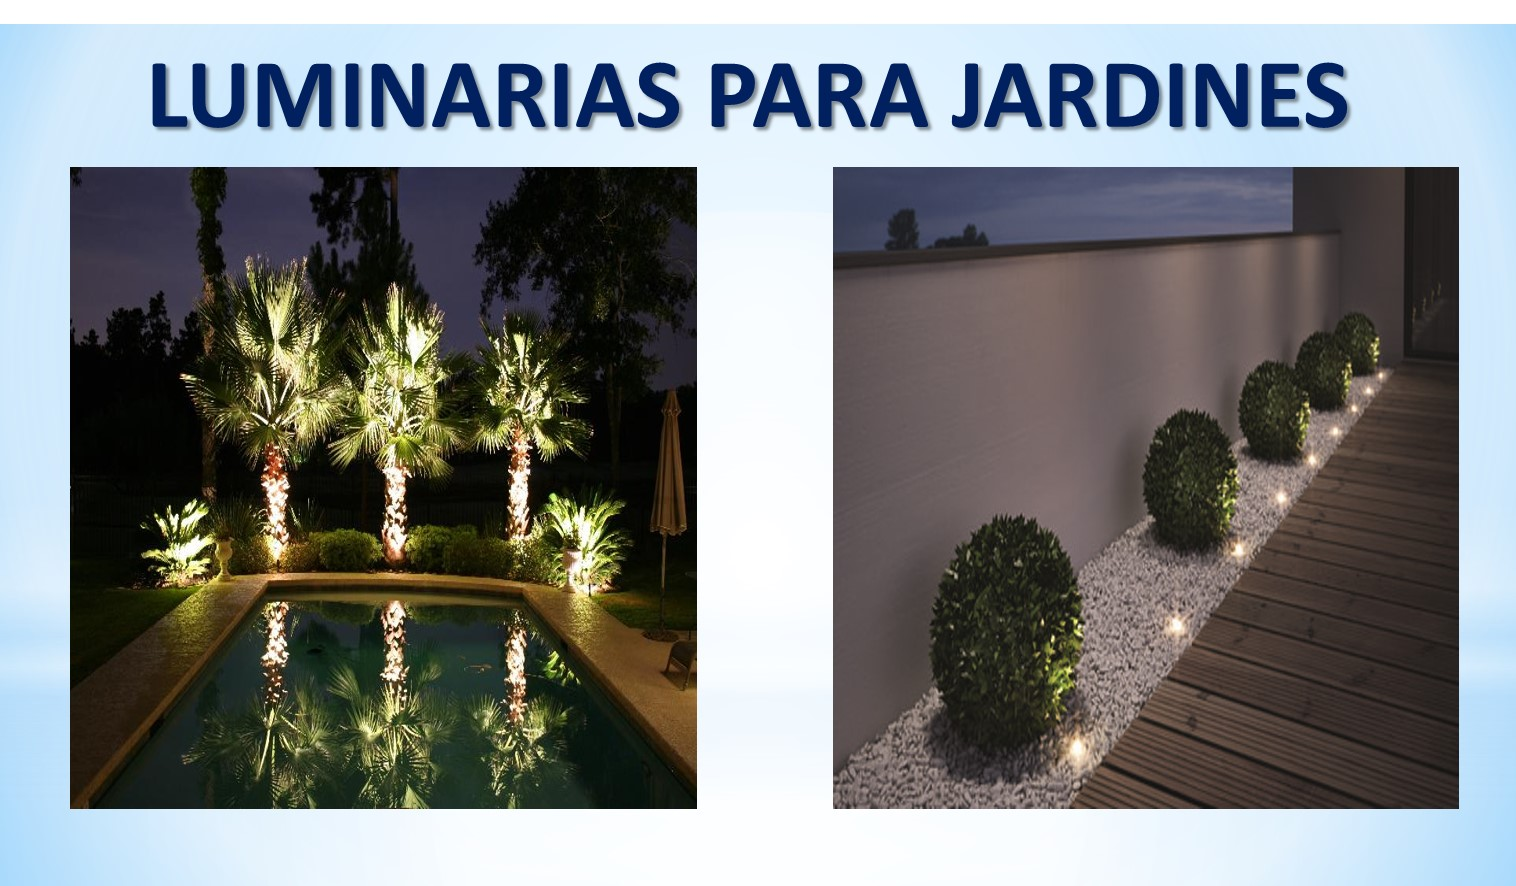 luminarias para jardines